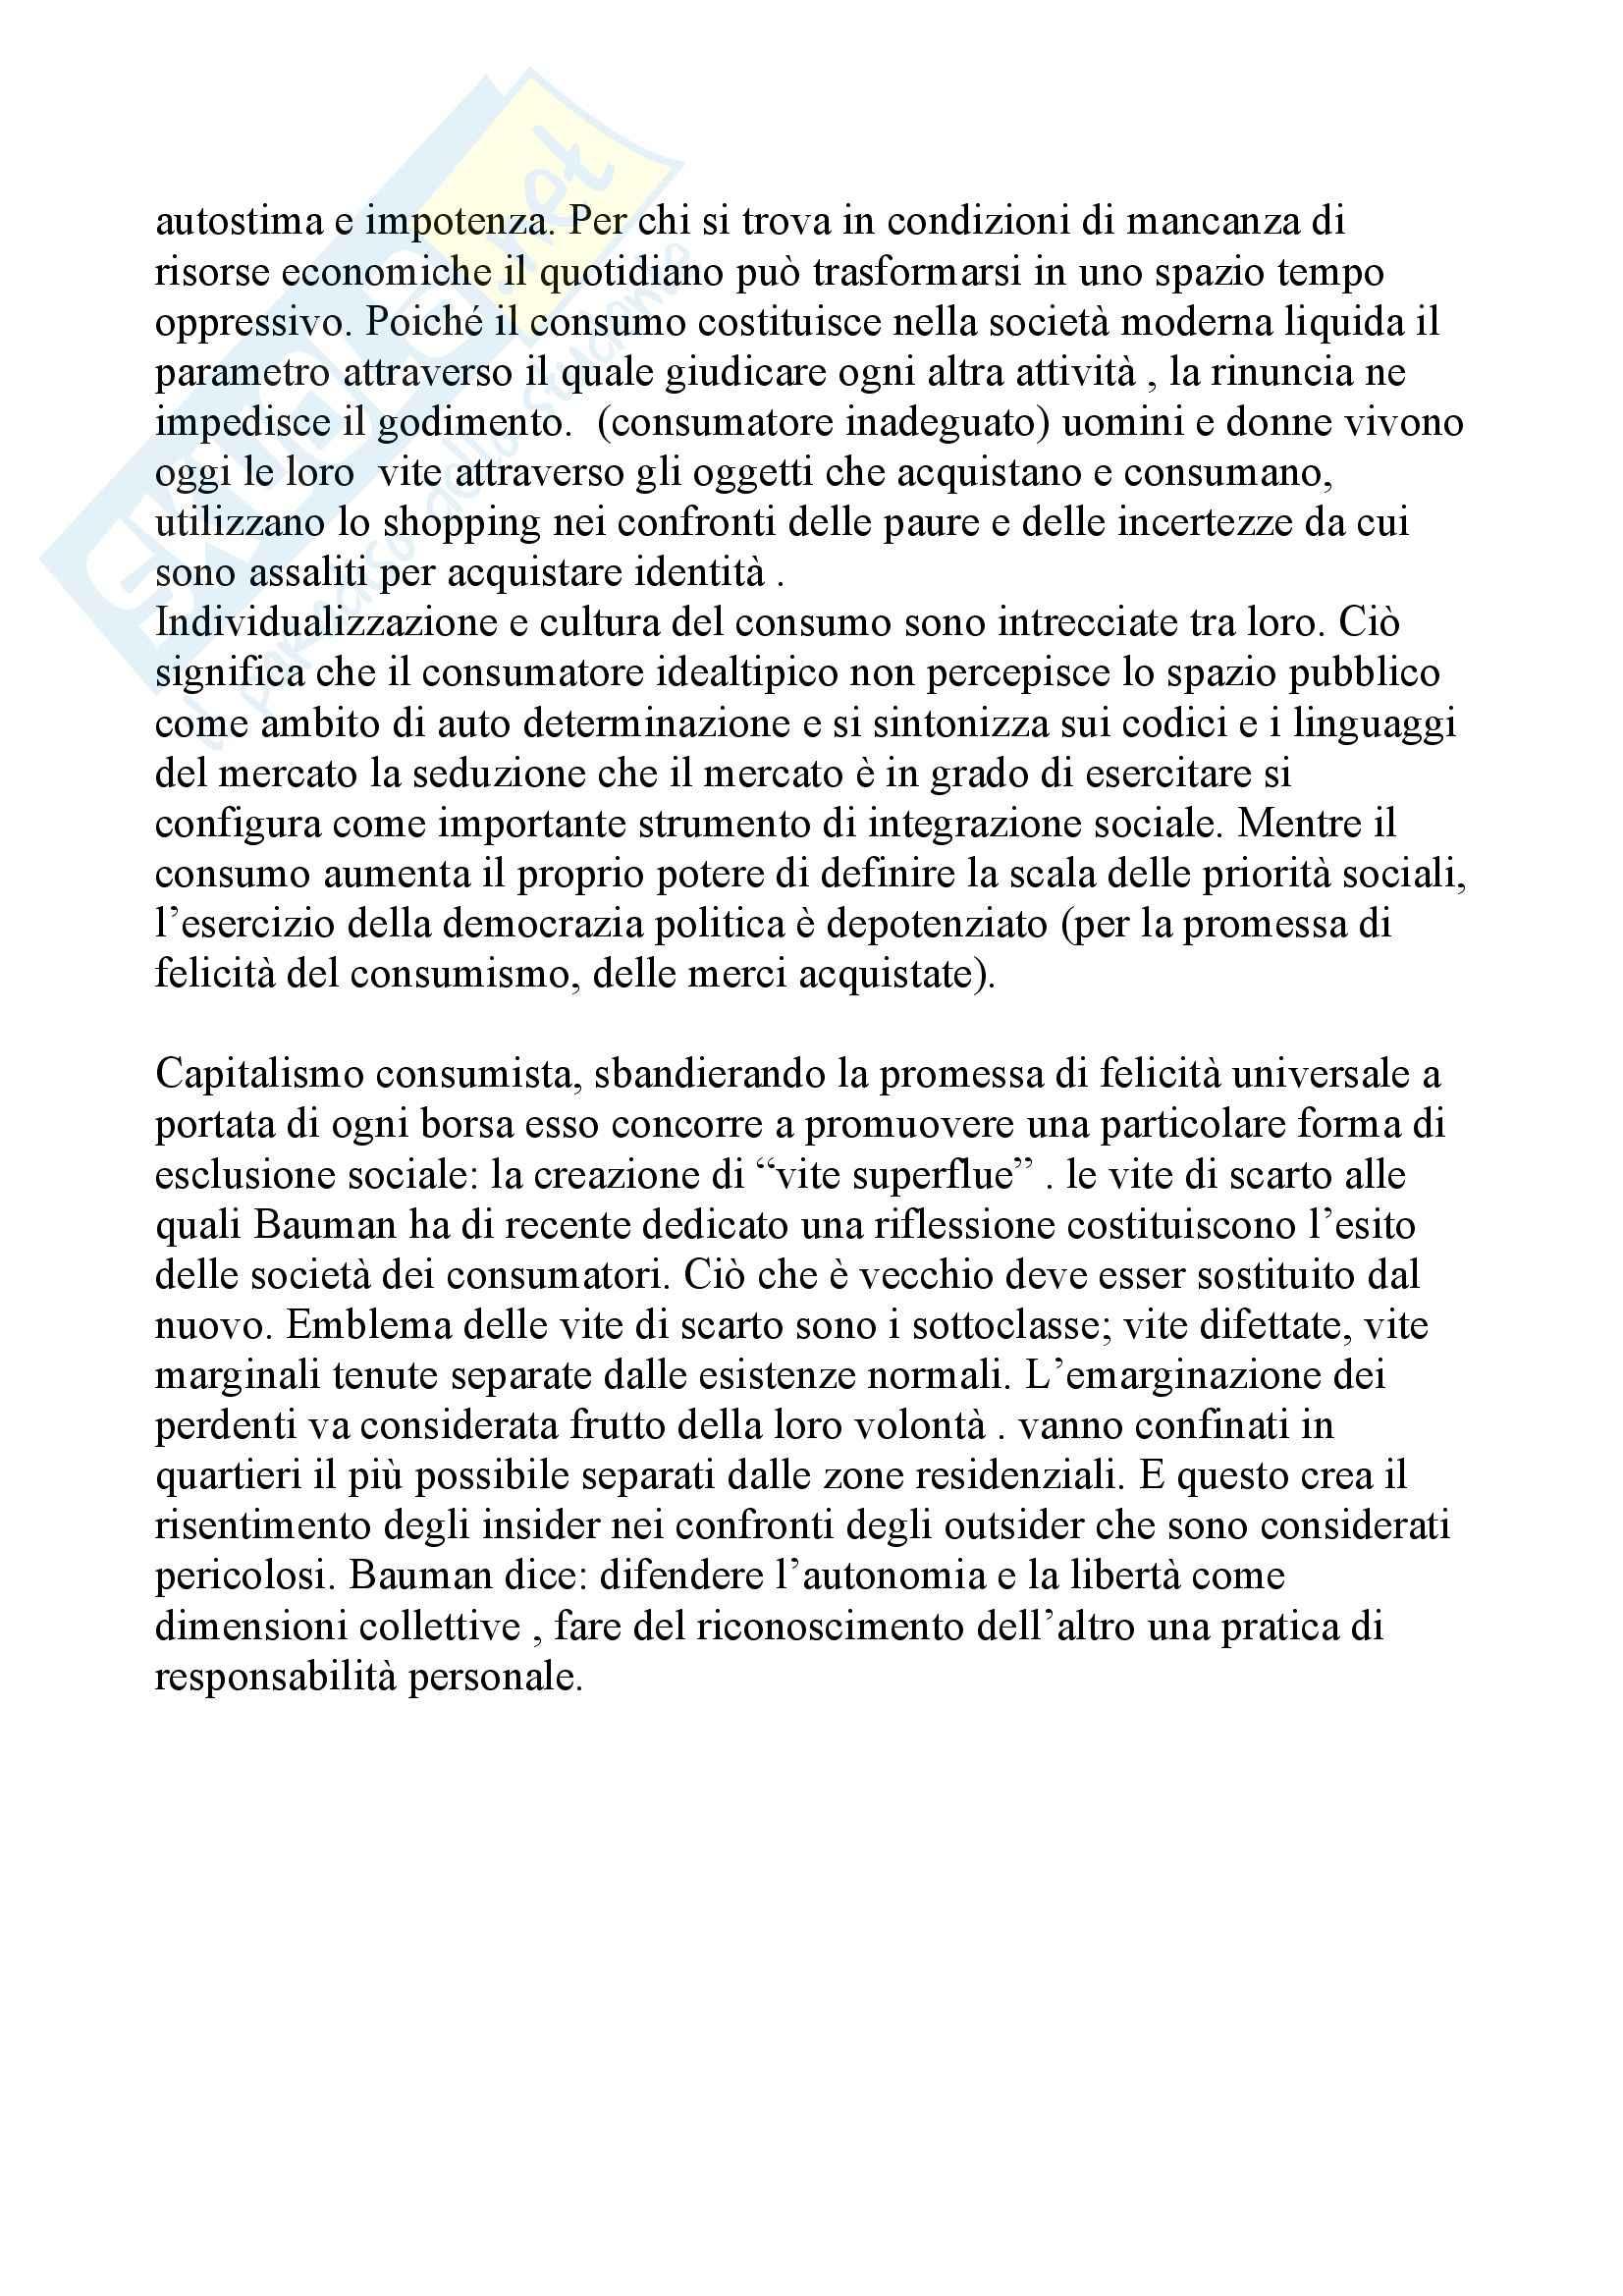 Teoria della modernità di Bauman Pag. 11